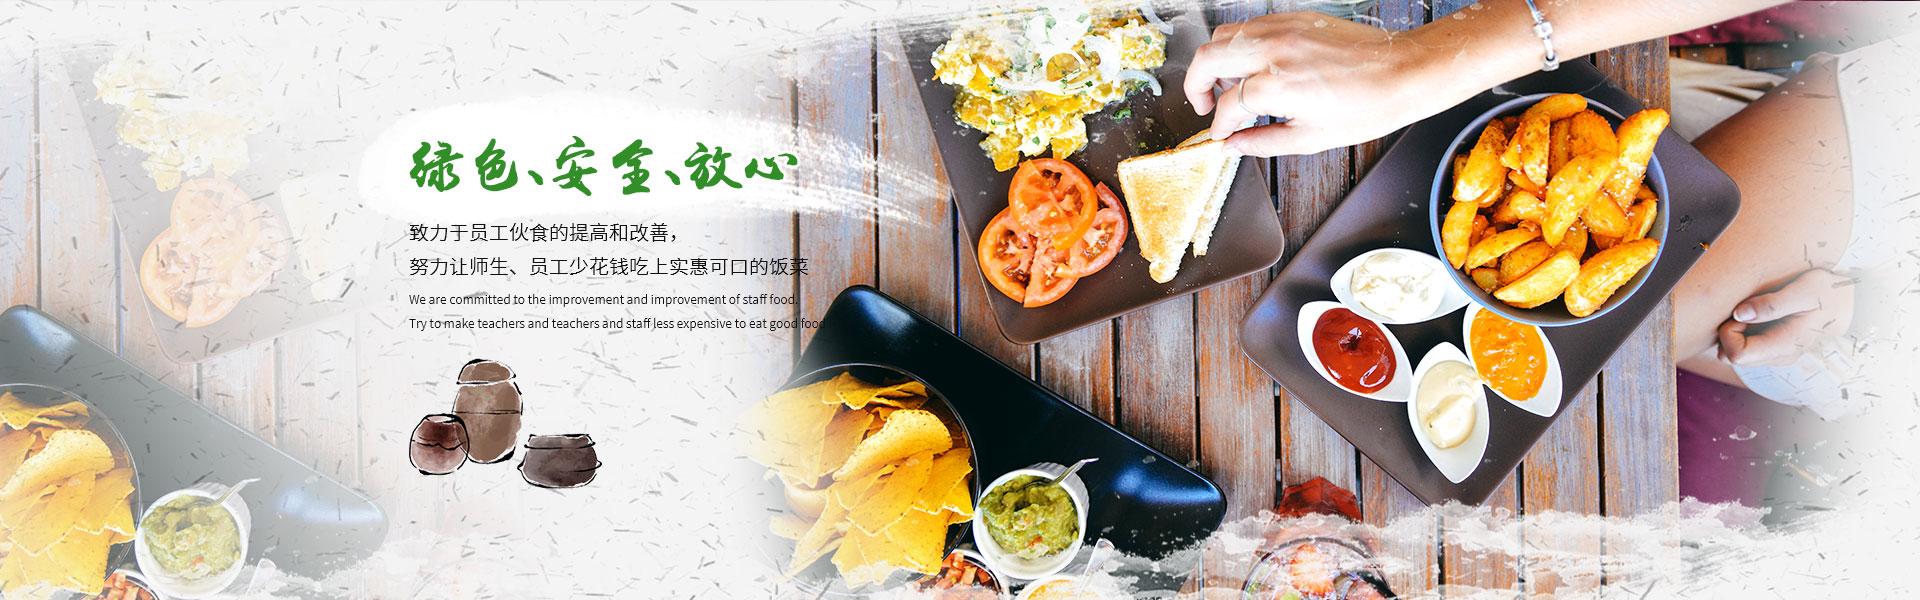 重庆食堂托管